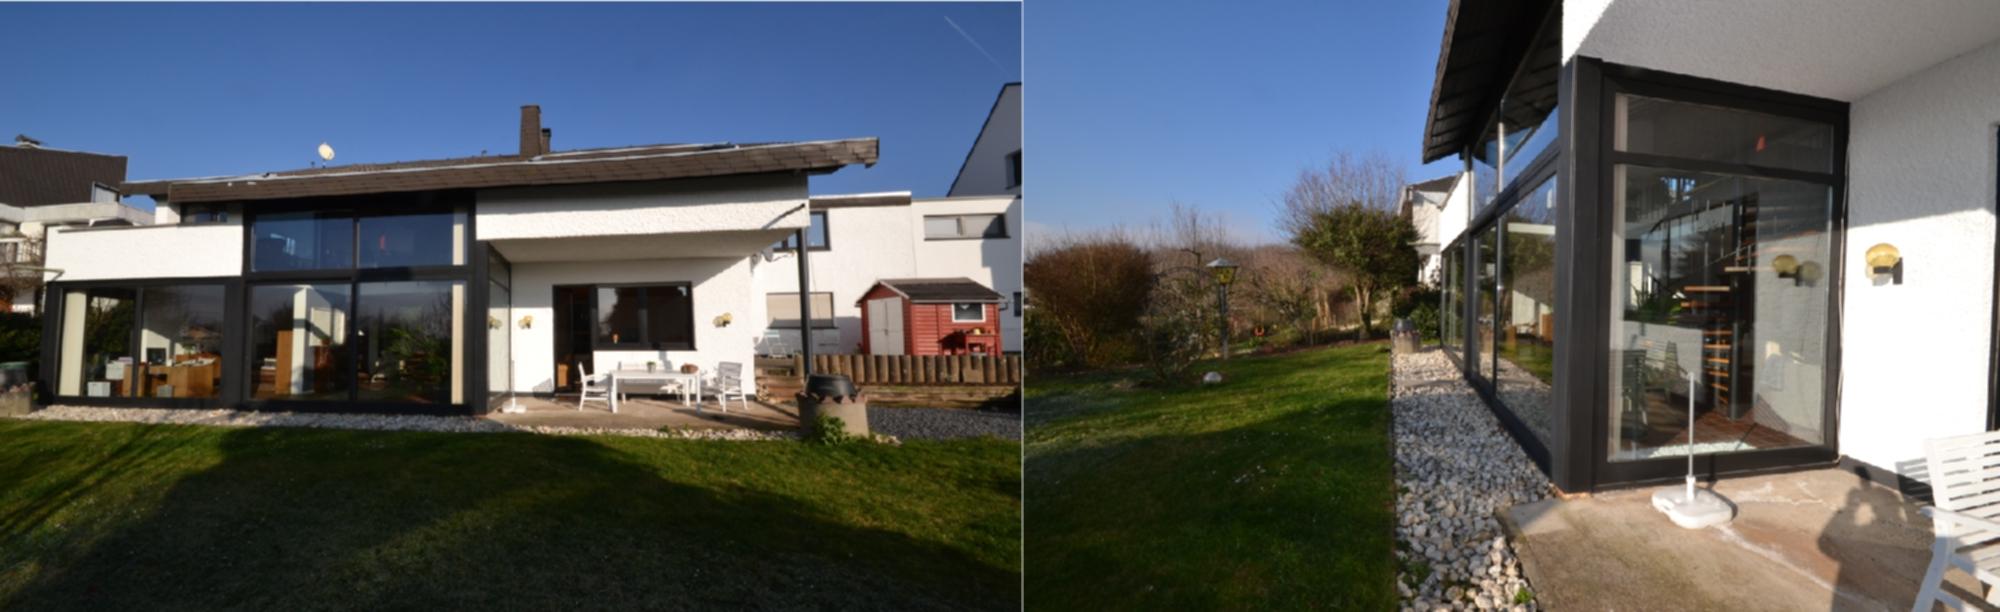 Freistehendes Wohnhaus in Toplage von Wittlich